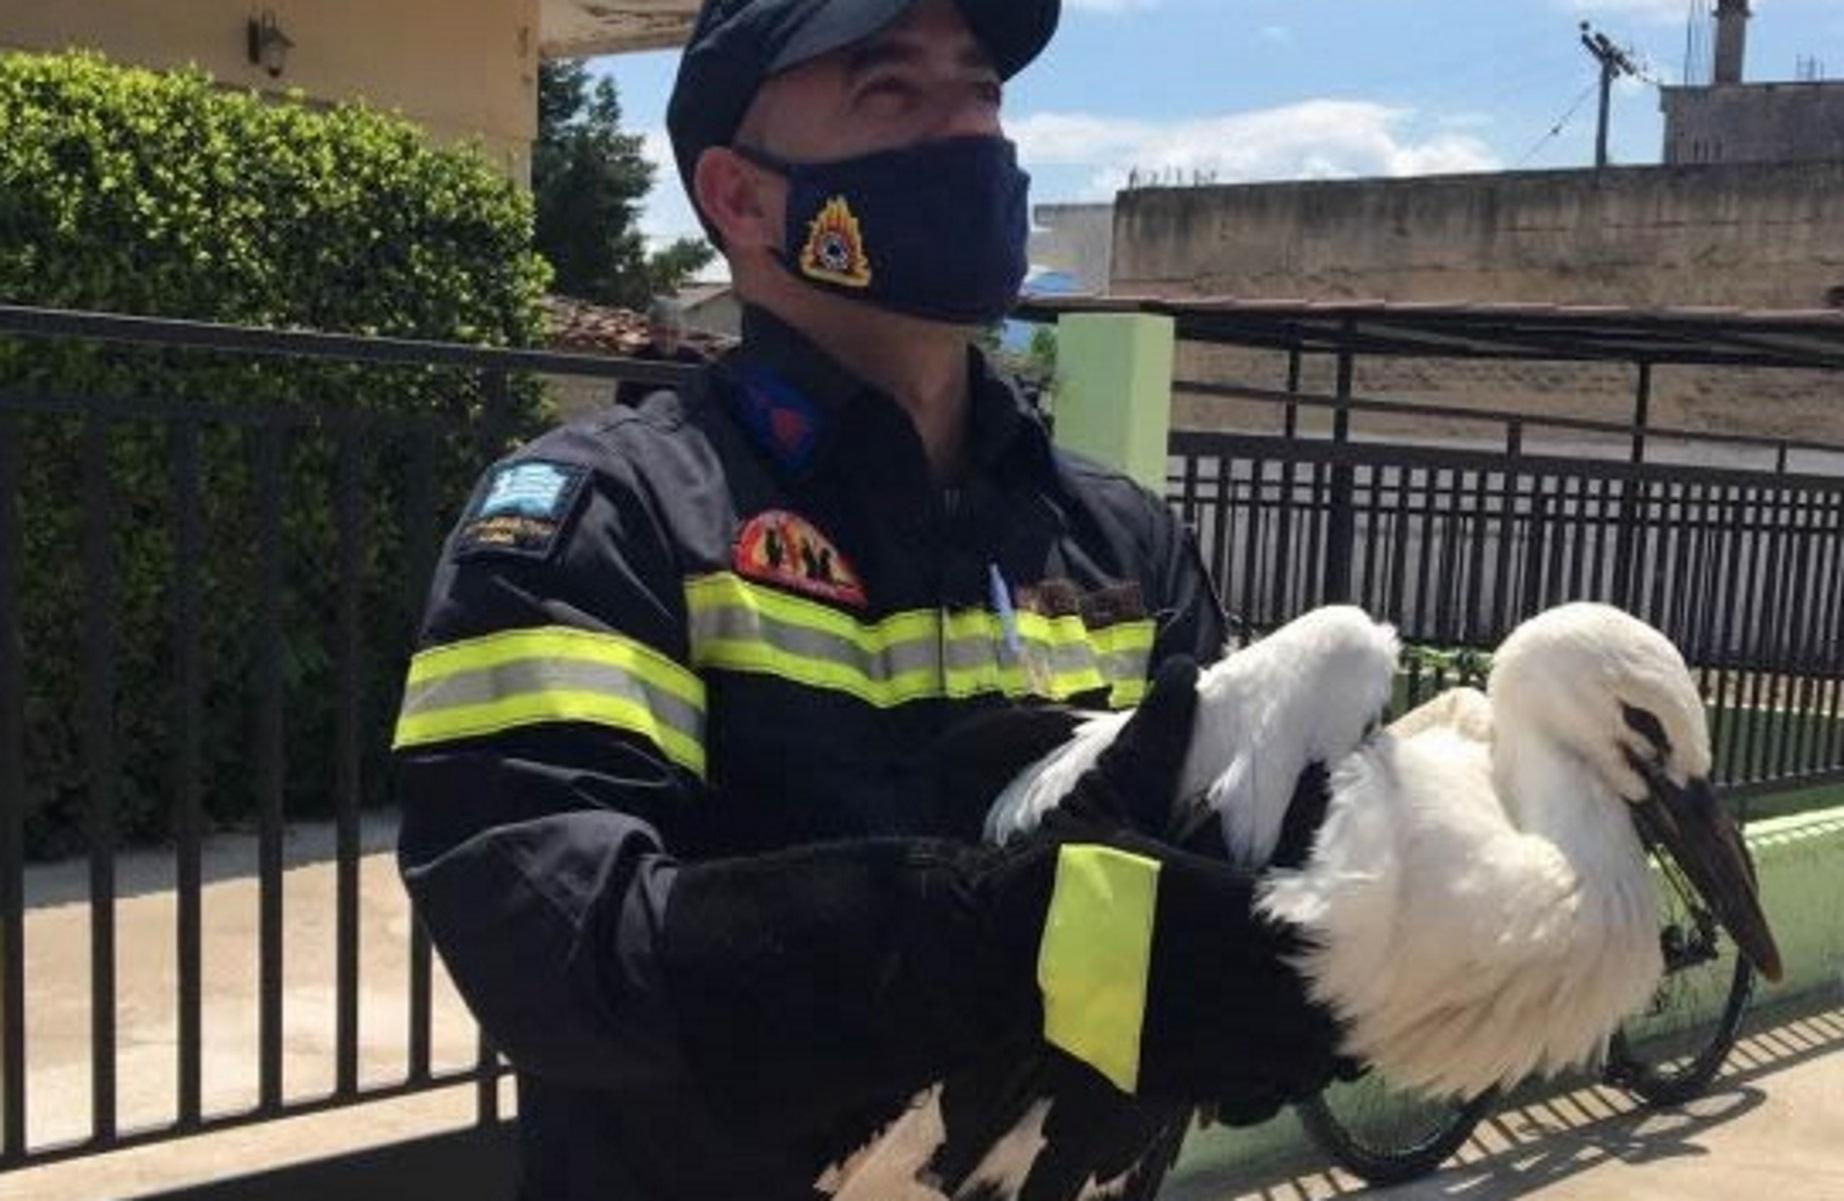 Λαμία: Έτσι σώθηκε ο πελαργός που έπεσε από τη φωλιά του (video)